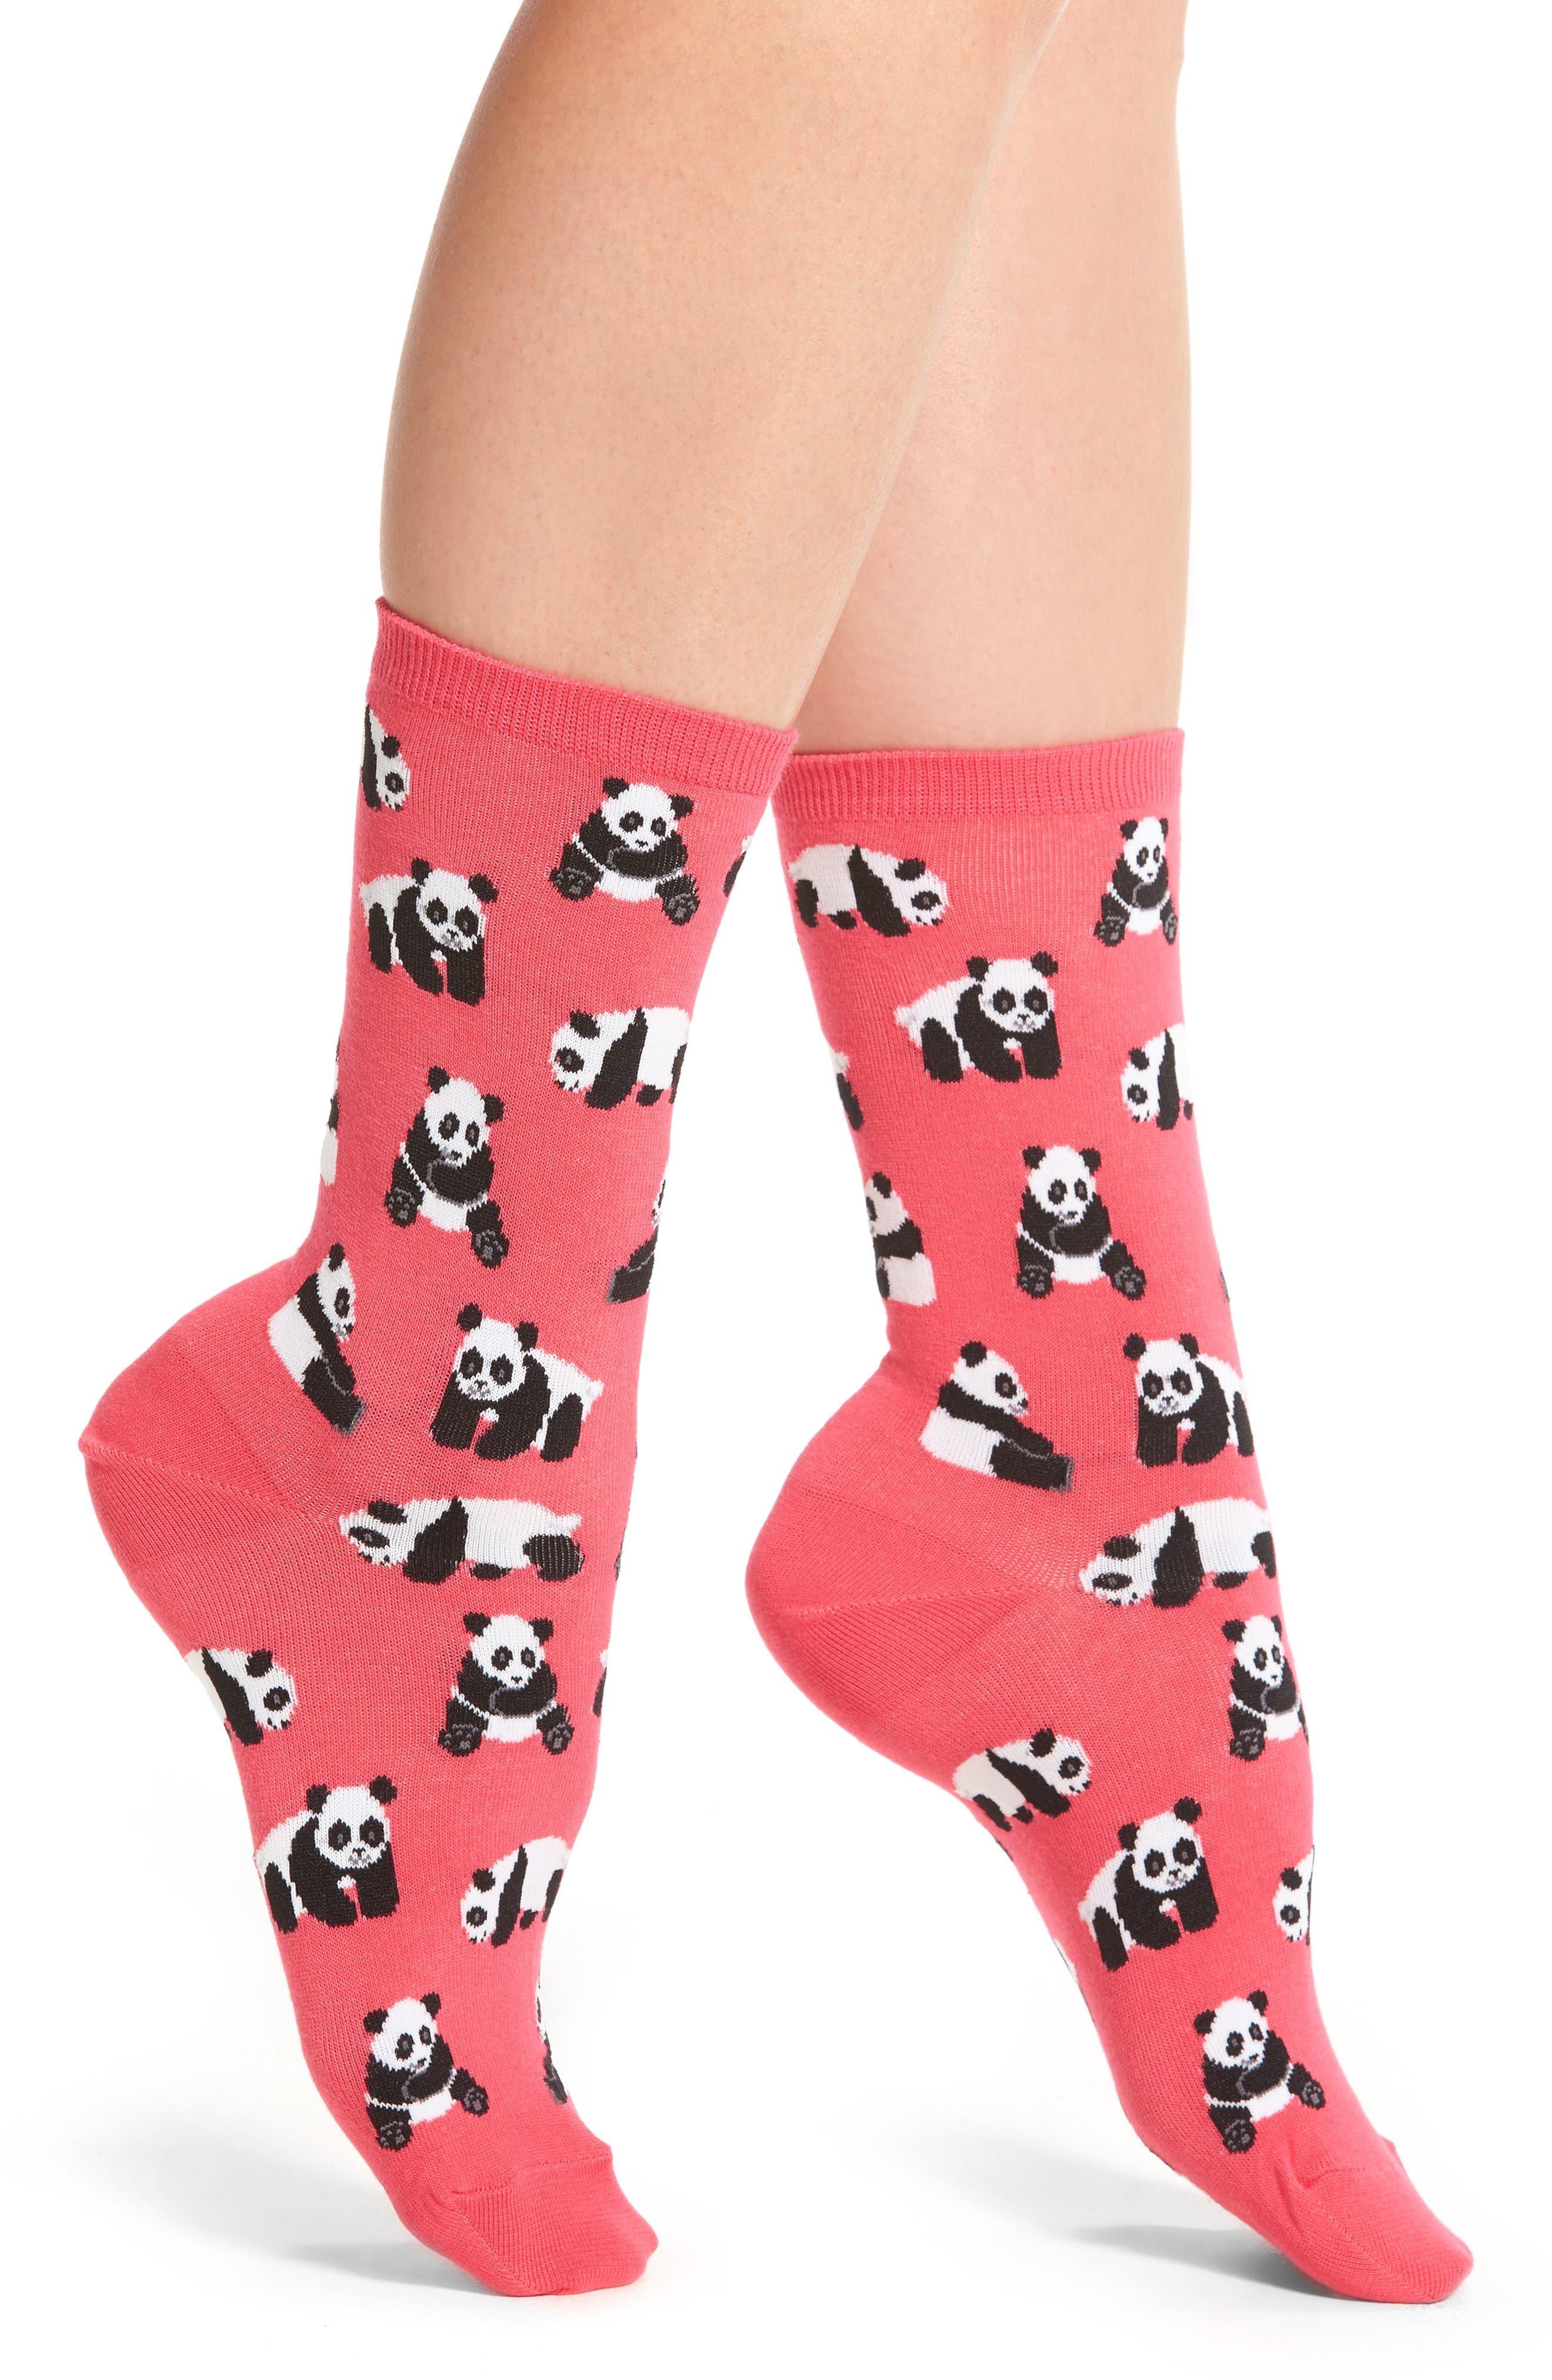 Hot Sox Panda Bears Crew Socks